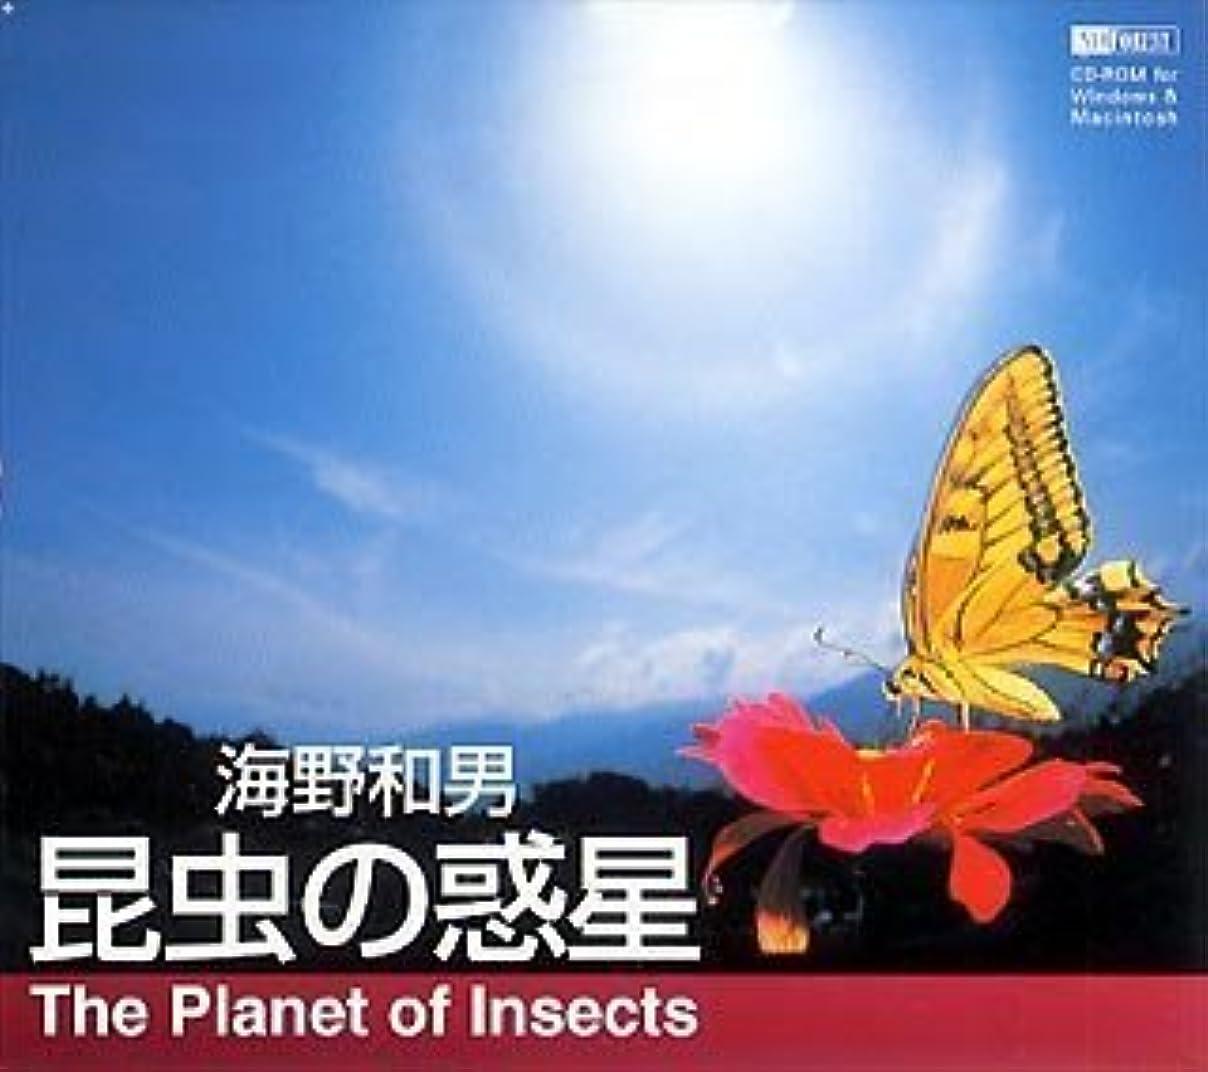 おとなしいテクトニックシネマ昆虫の惑星 The Planet of Insects 海野和男